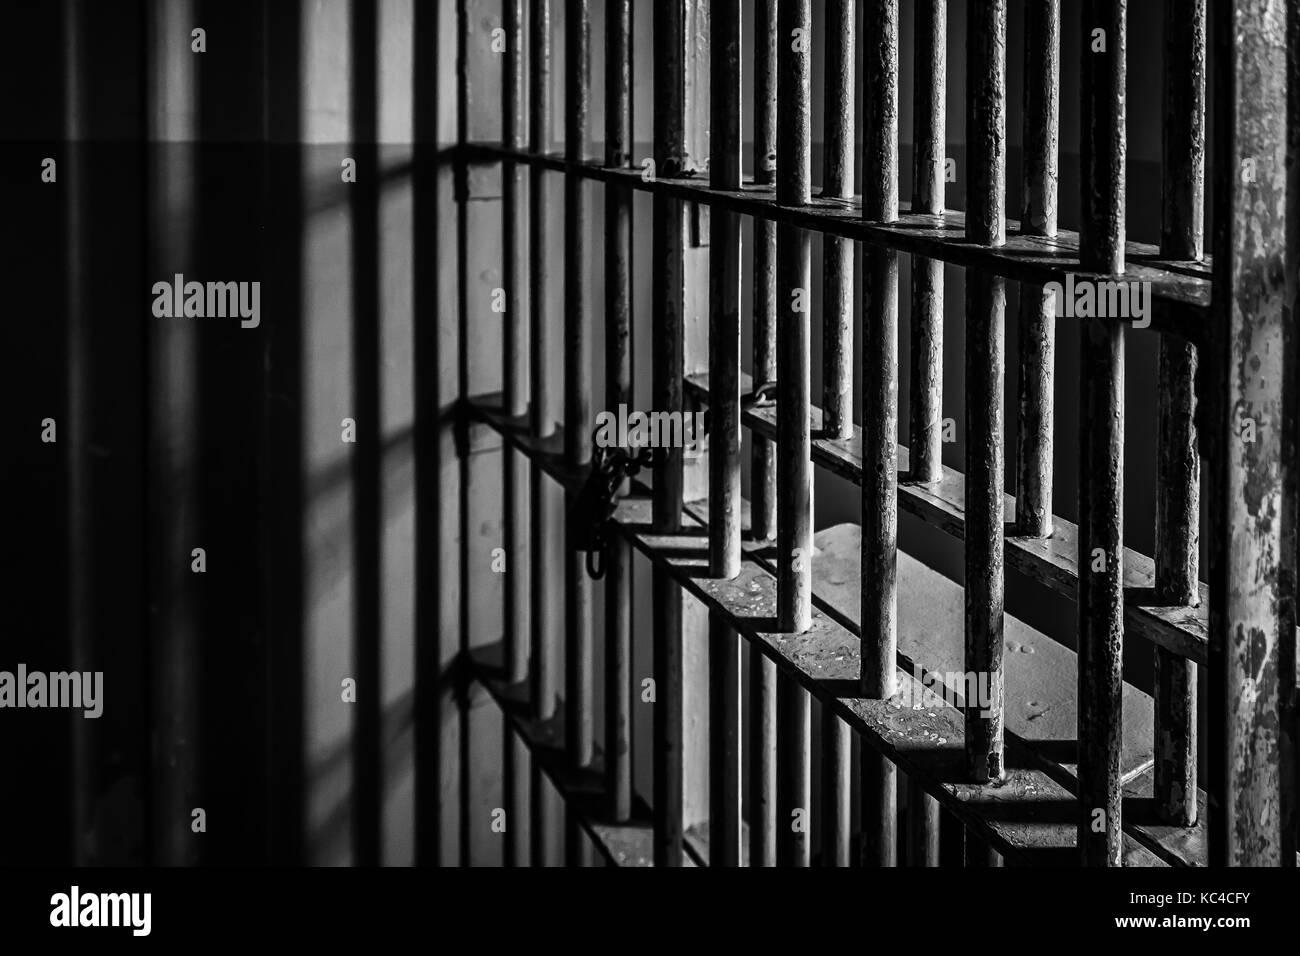 El crimen y la ley - celda de prisión bares Foto de stock